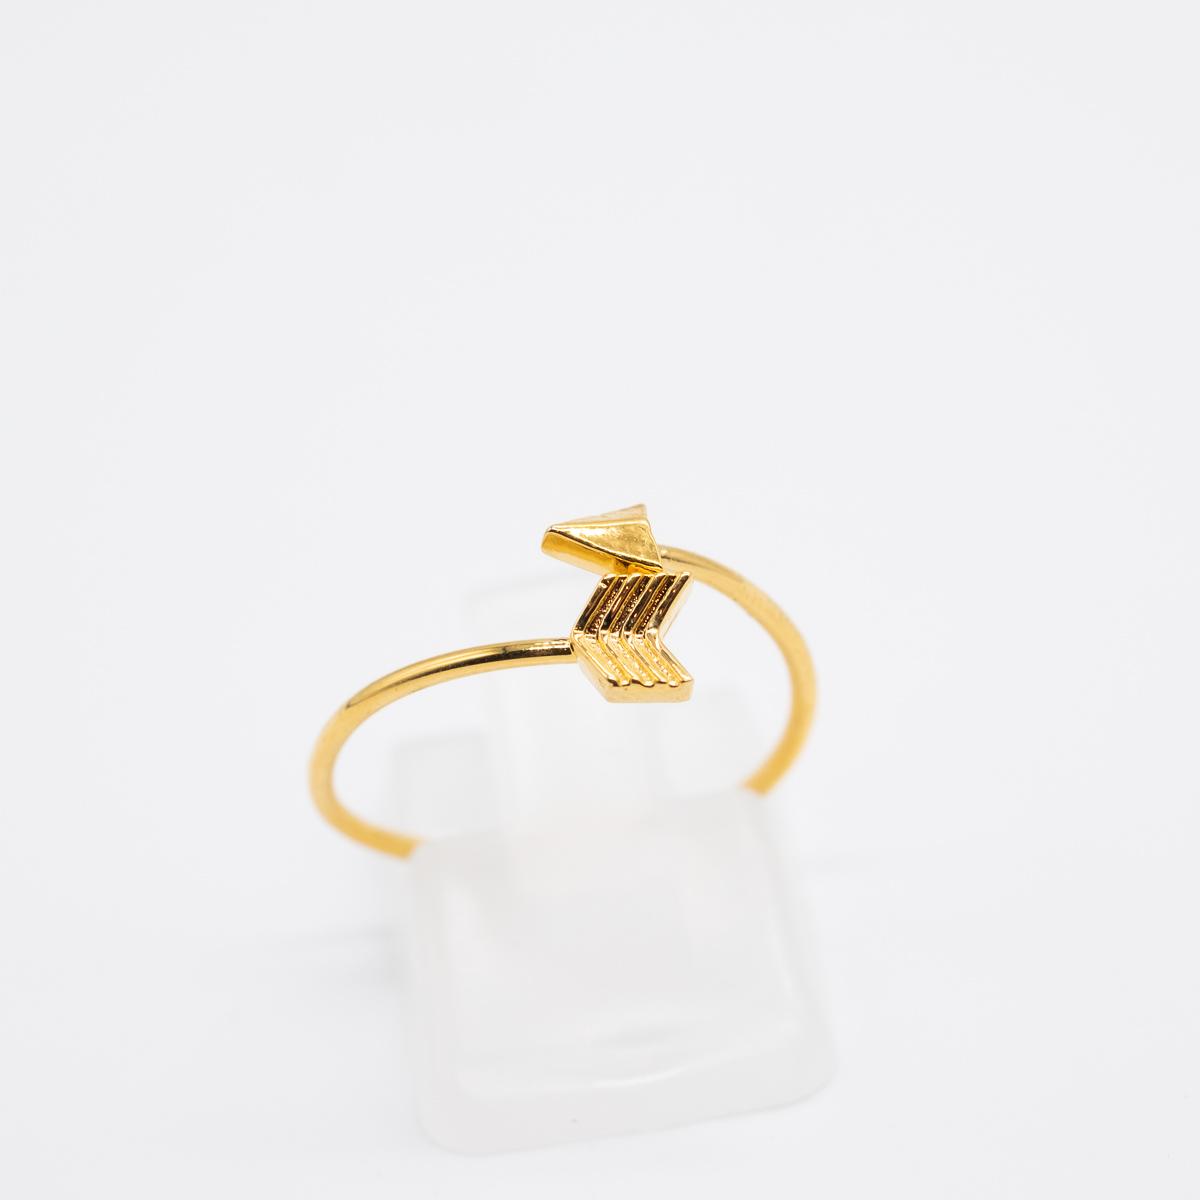 RNG-004 goud bohemian ring pijl